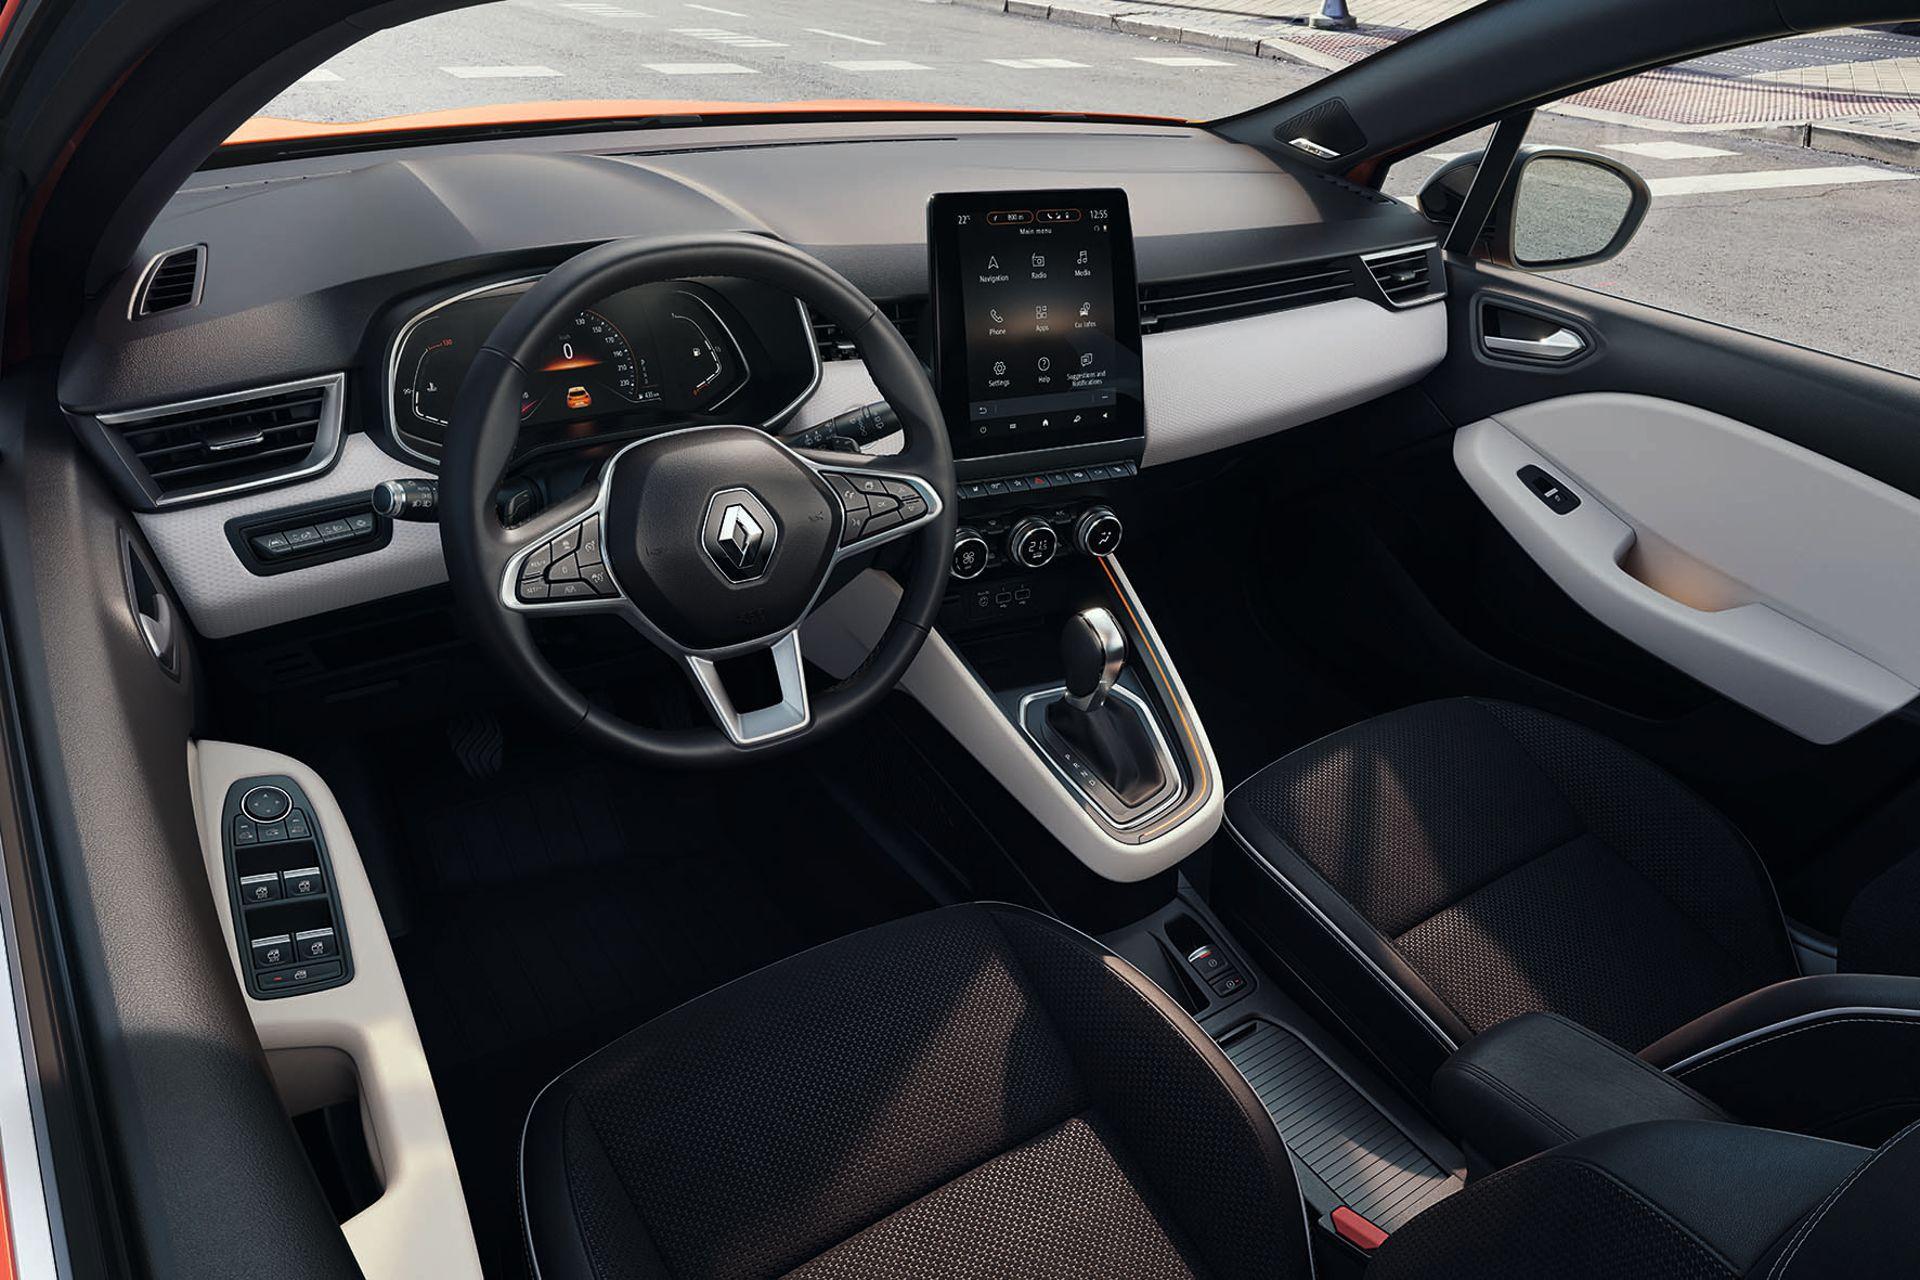 Renault Clio 2019 Interior (3)